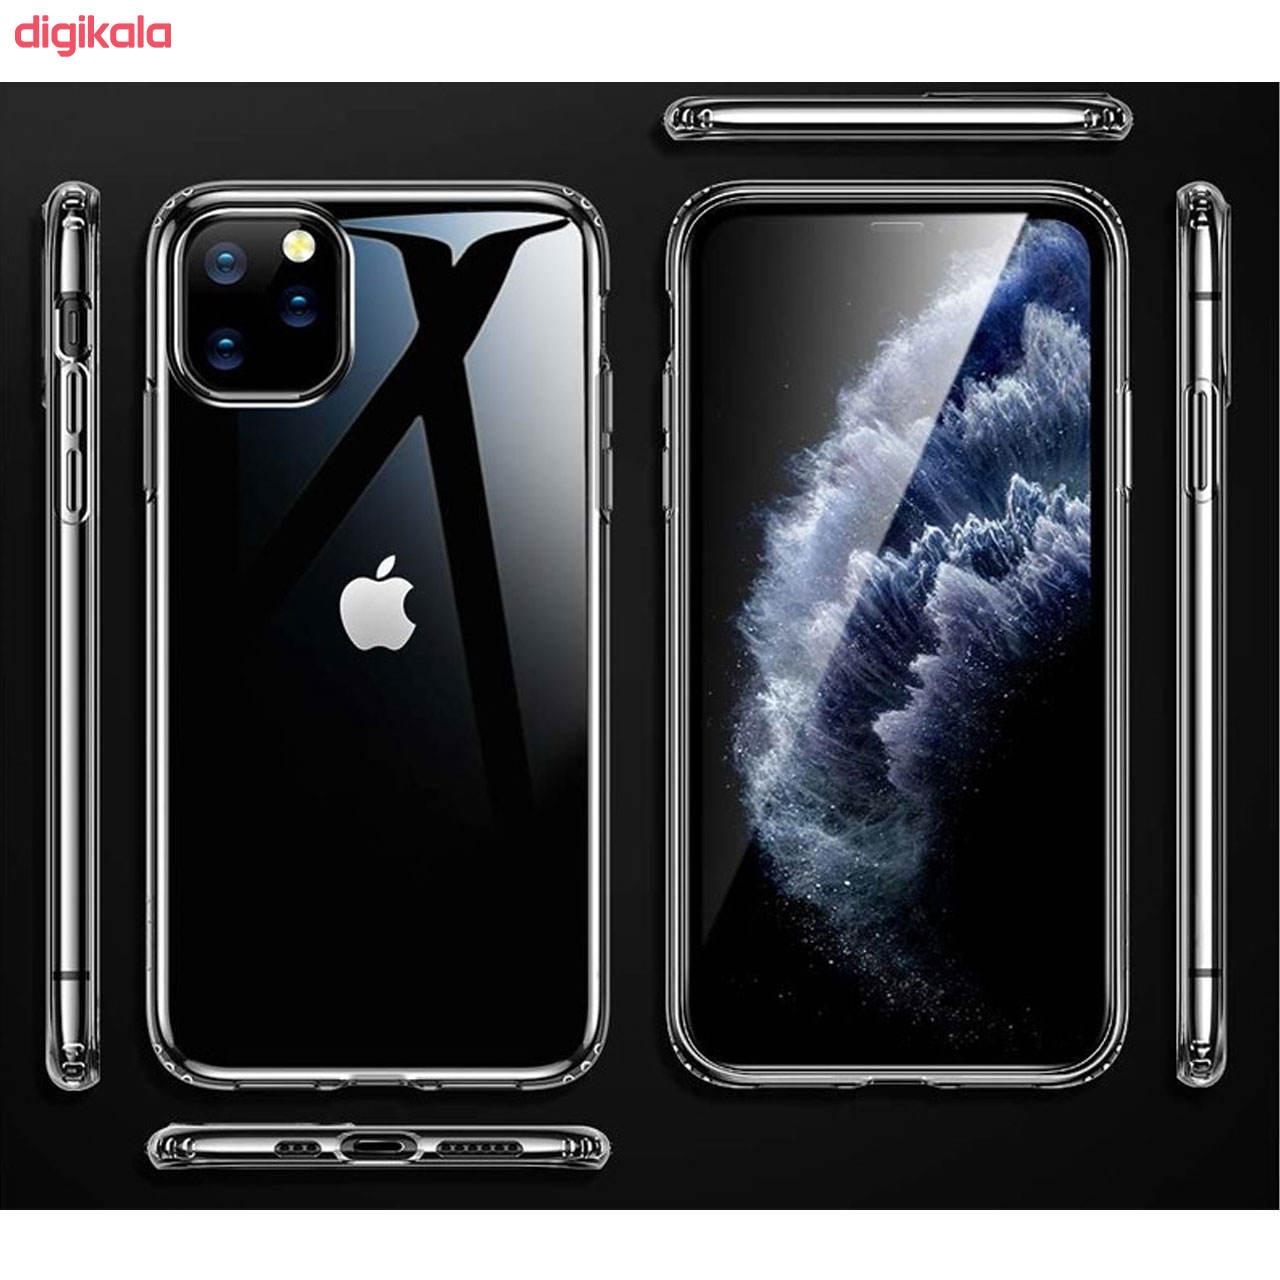 کاور مدل BLKN مناسب برای گوشی موبایل اپل iPhone 12 Pro Max main 1 13